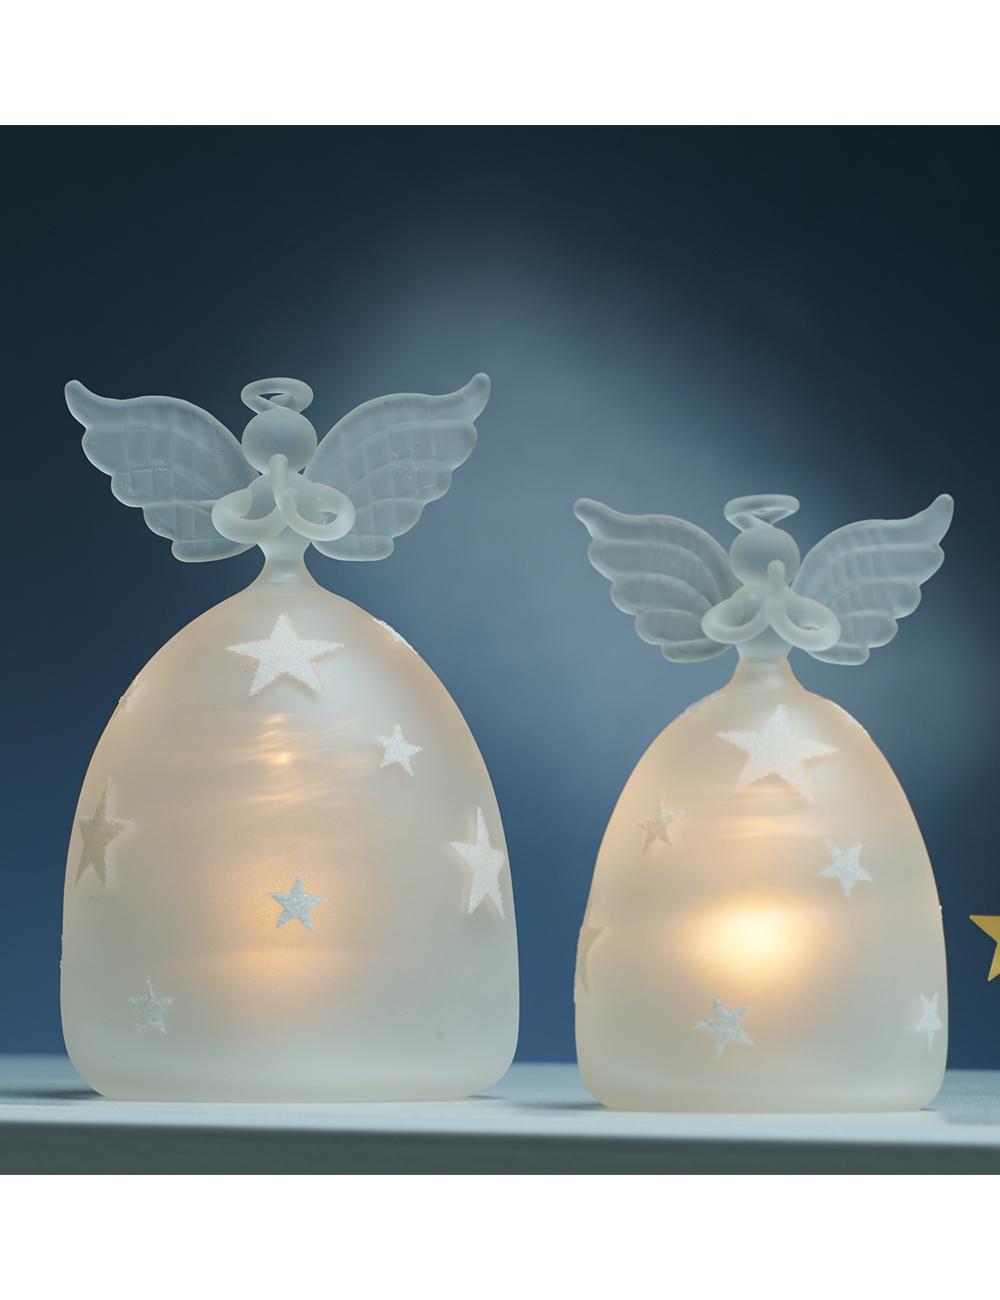 Engel Mit Beleuchtung | Engel Aus Glas Mit Led Beleuchtung Set 2 Stuck